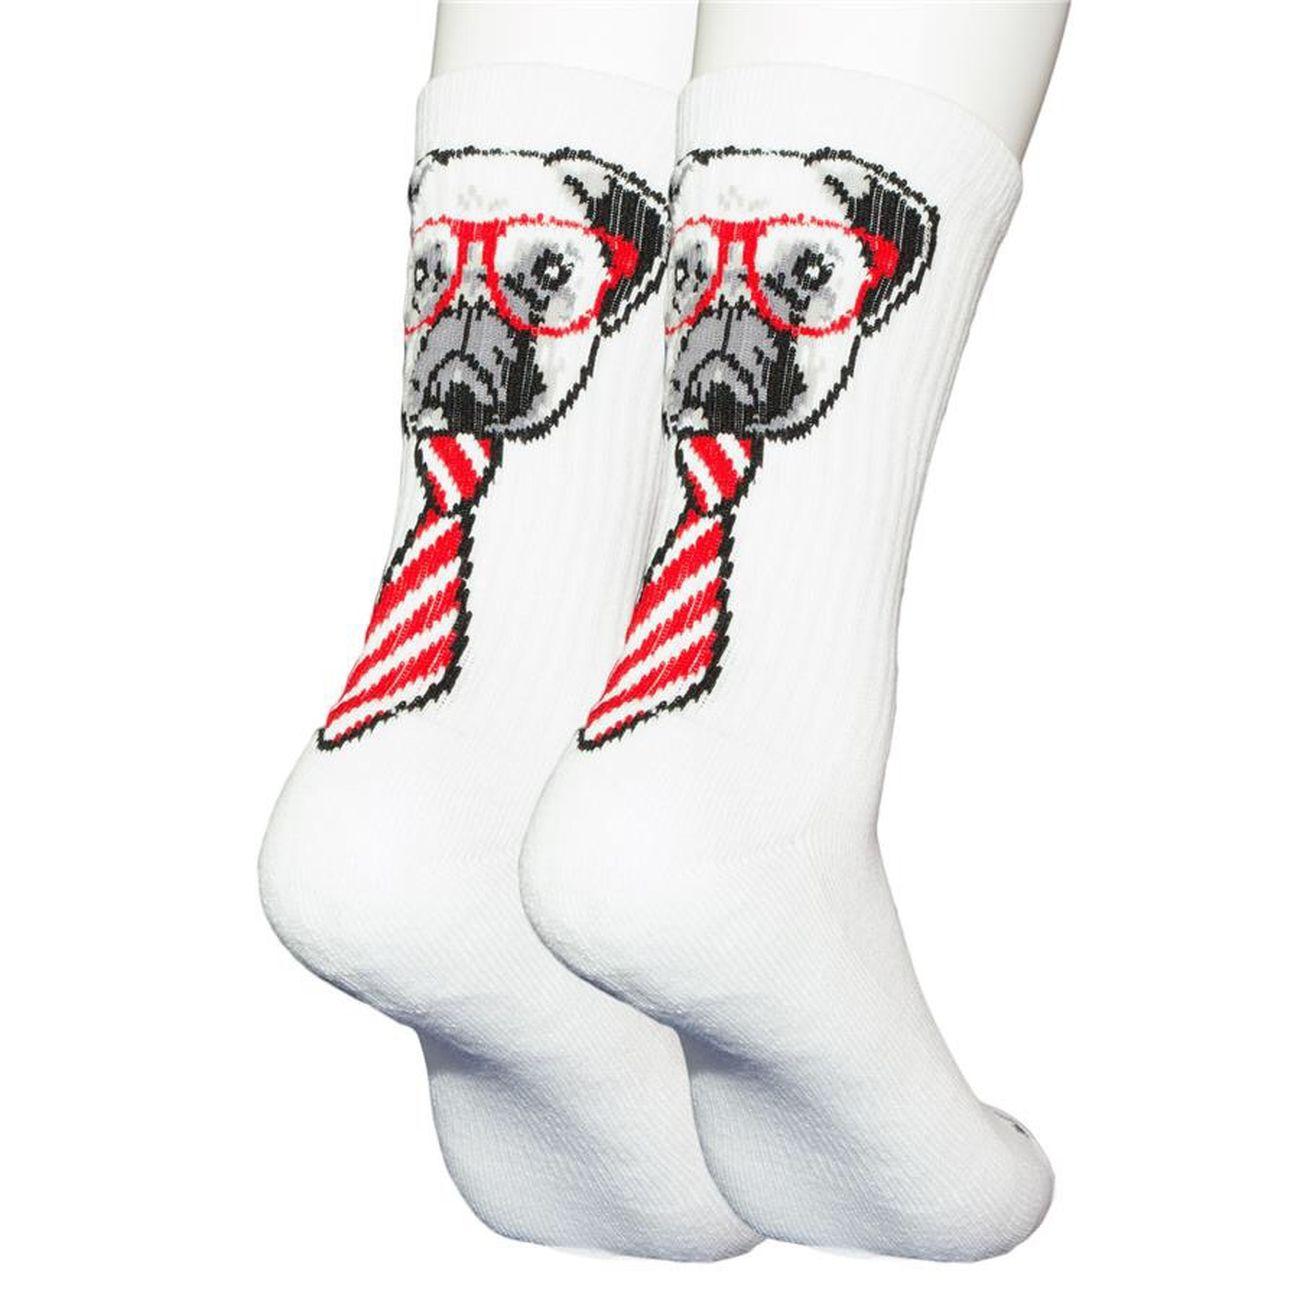 ぽこあぽこ Pocoapoco 靴下 Socks ソックス マルキュー Shibuya109